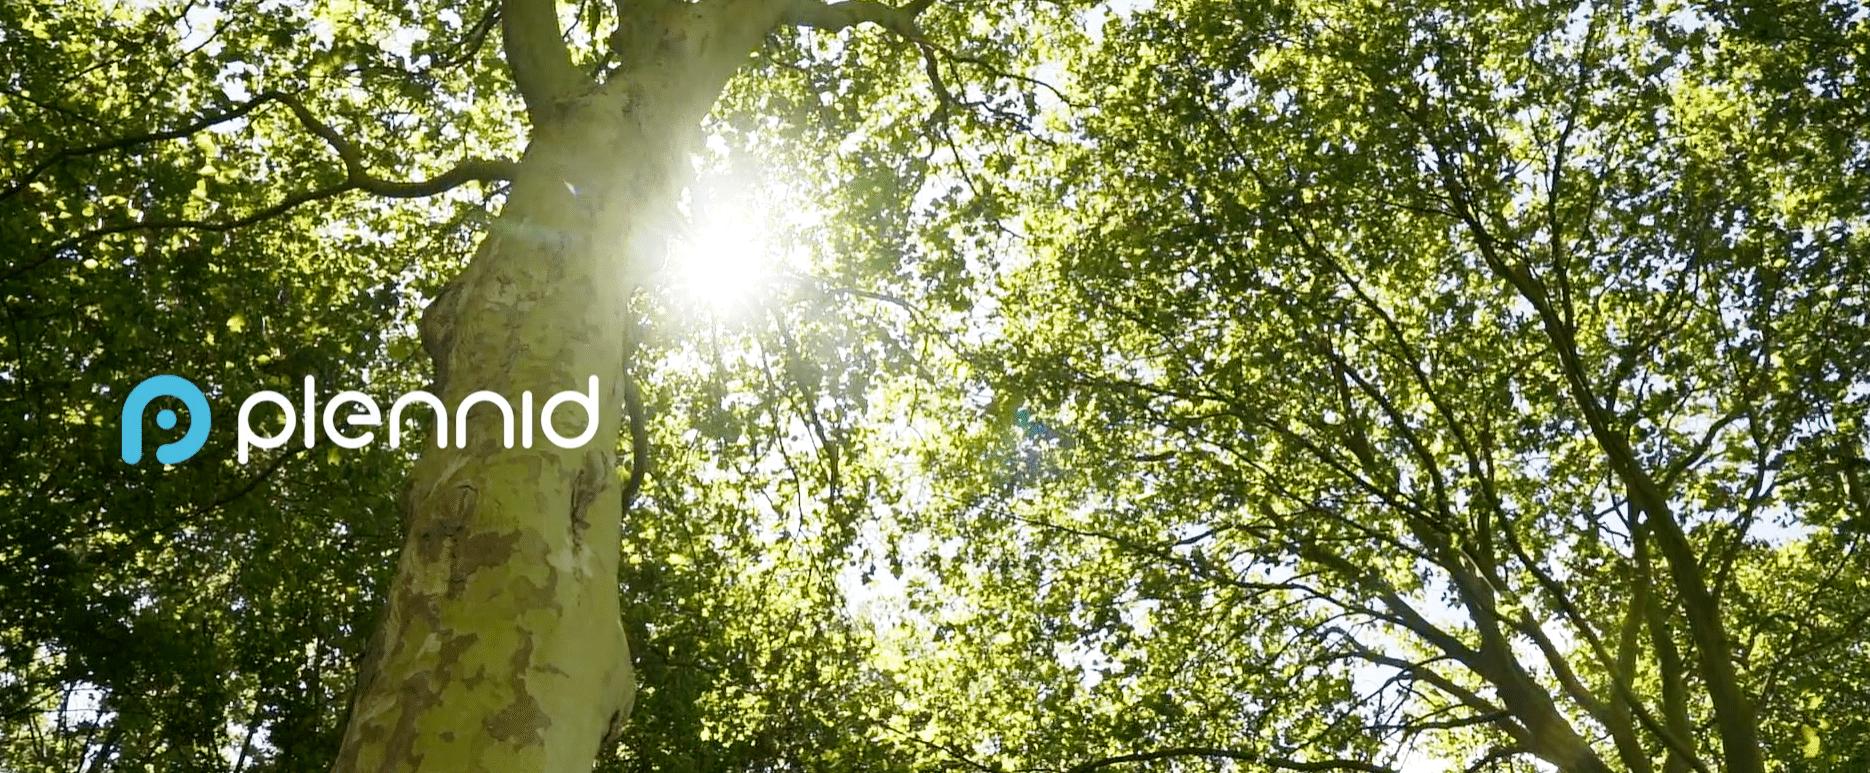 Plennid over de toepassing van Nederlandse bomen in houtbouw